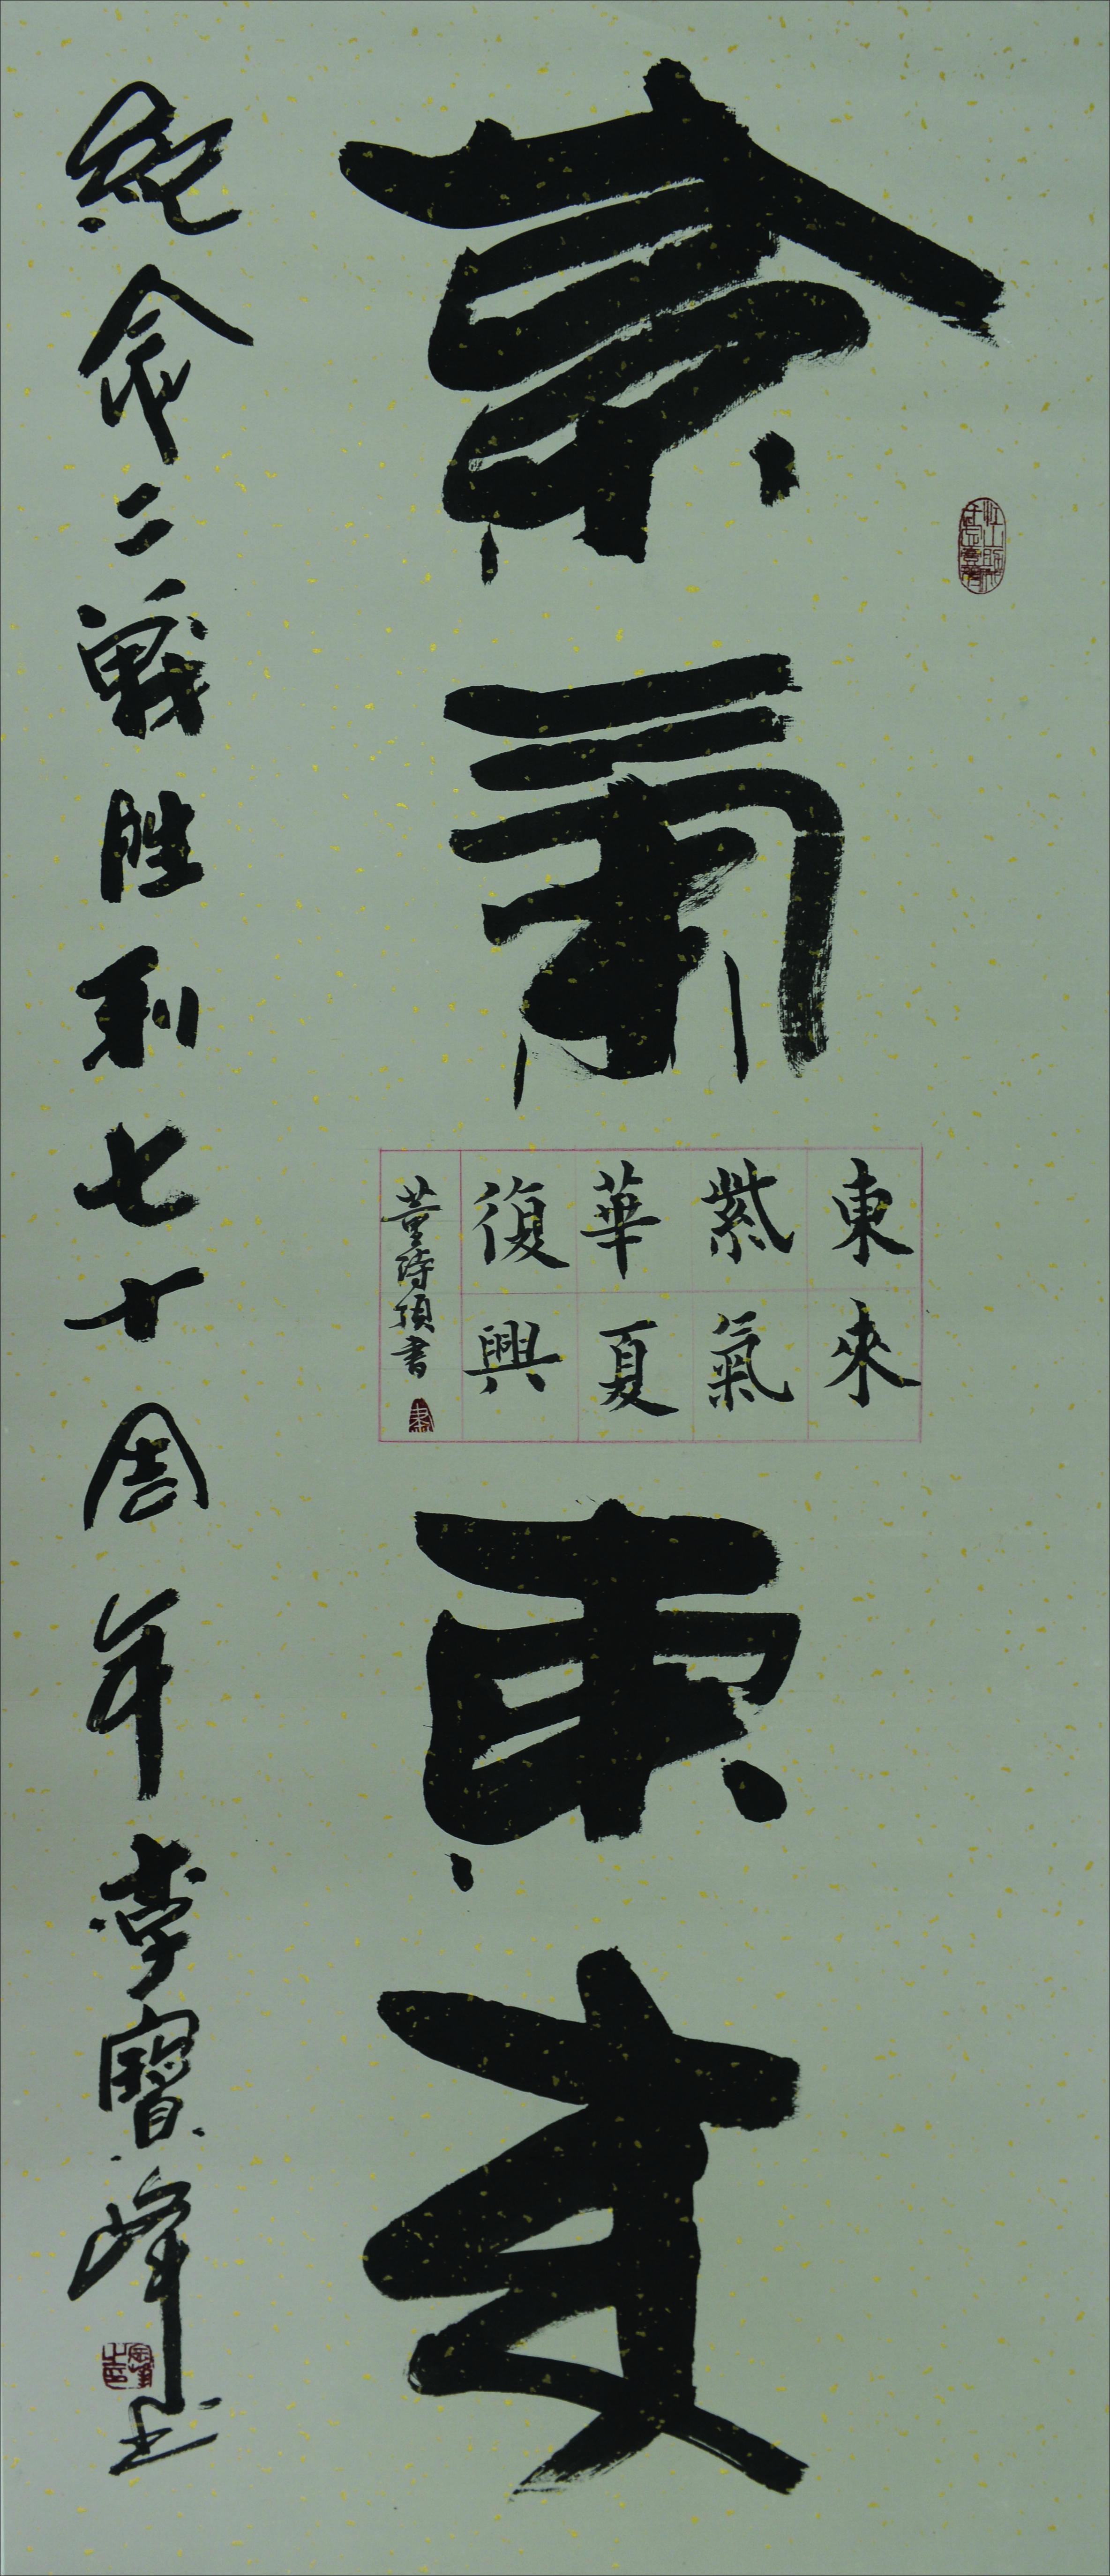 牢记历史,开创未来-江苏建筑职业技术学院校报电子版